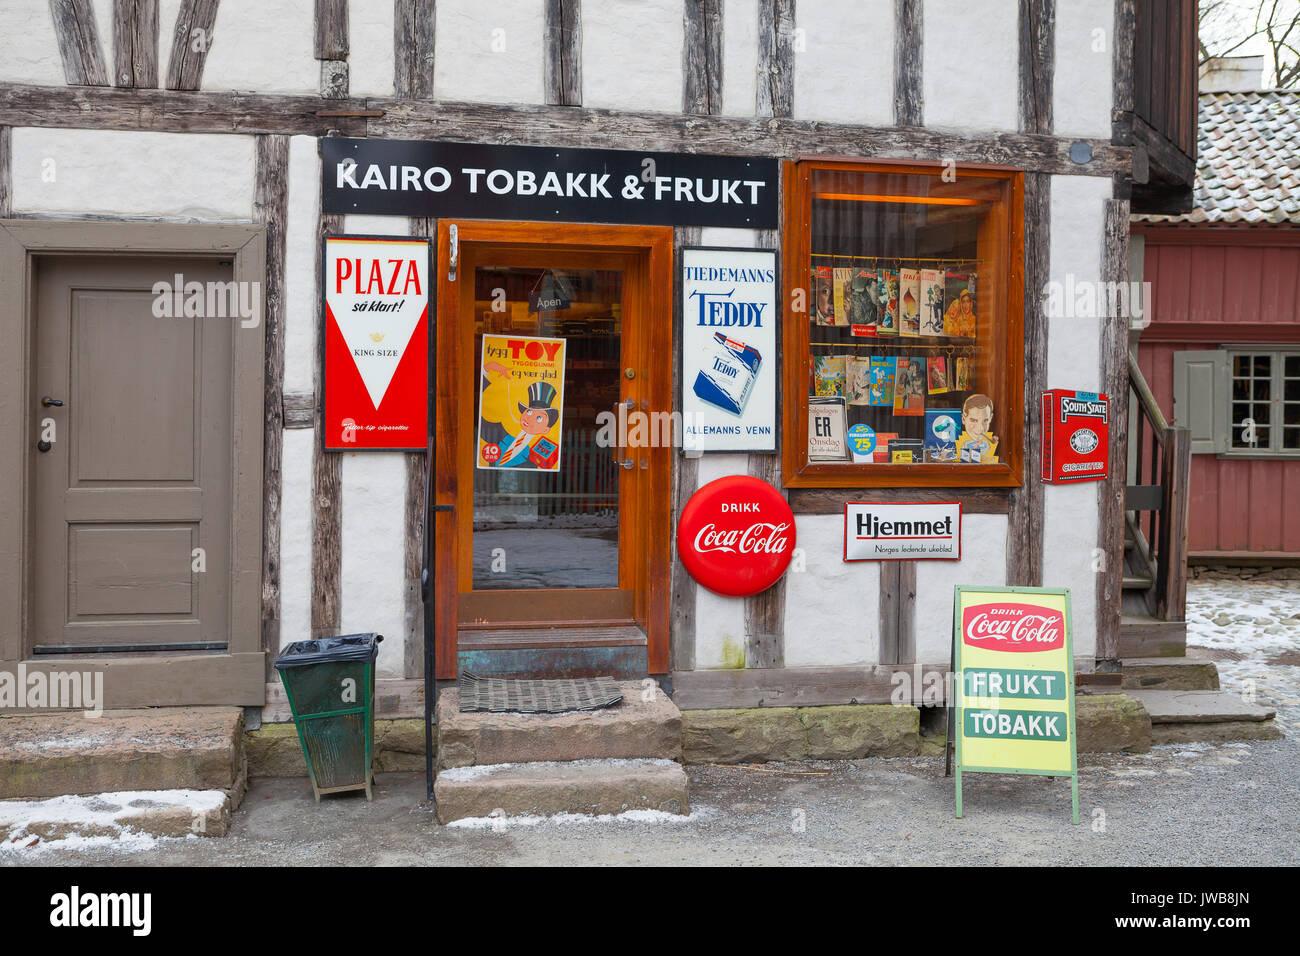 OSLO, Norvège - 28 févr. 2016: Vintage boutique alimentaire ville norvégienne. Les anciens temps dans l'histoire du Musée de la culture norvégienne Photo Stock